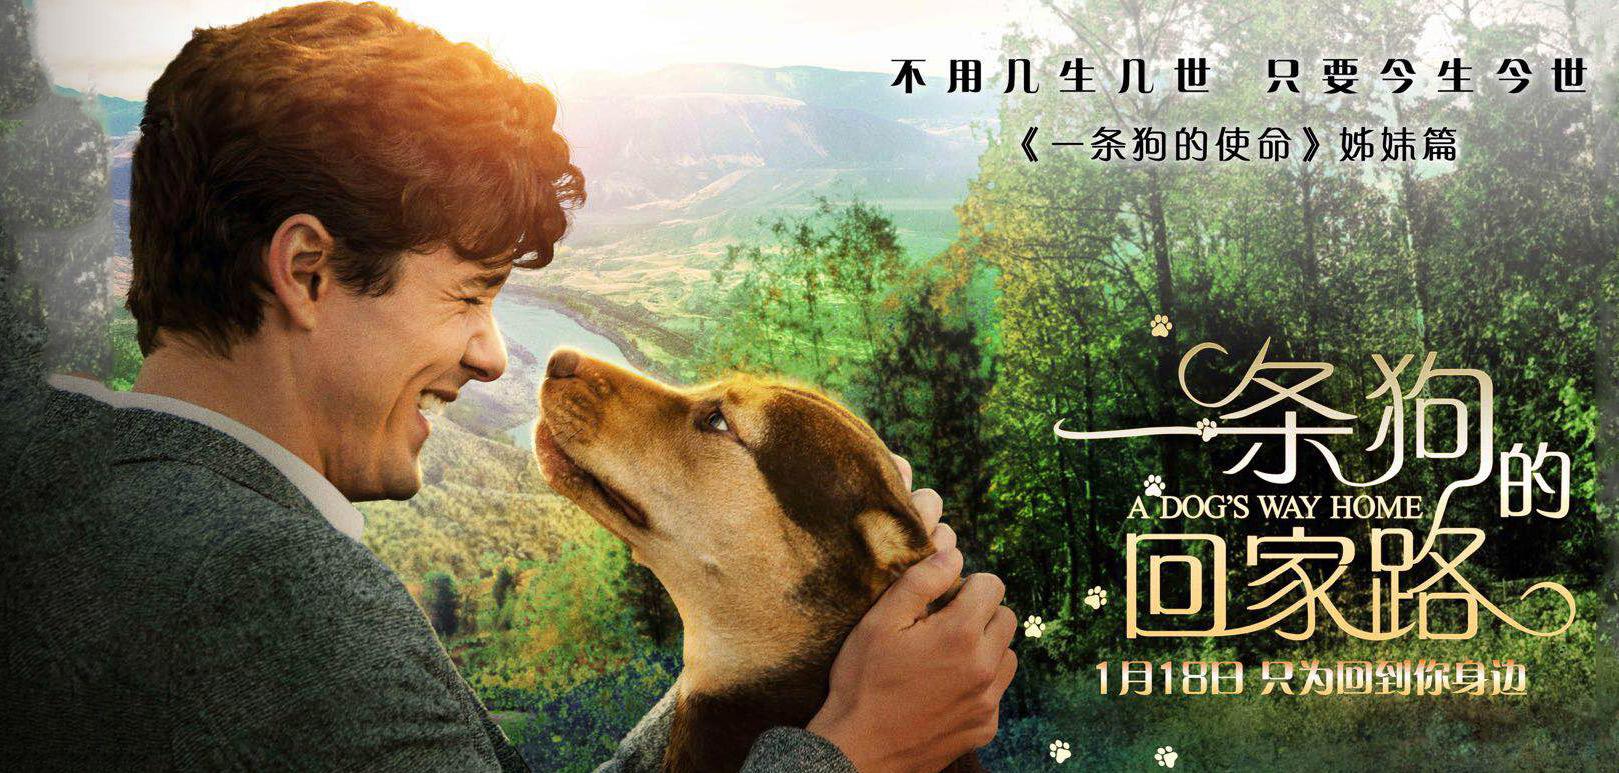 """《一条狗的回家路》终极预告 贝拉激发众网友""""返乡""""动力"""